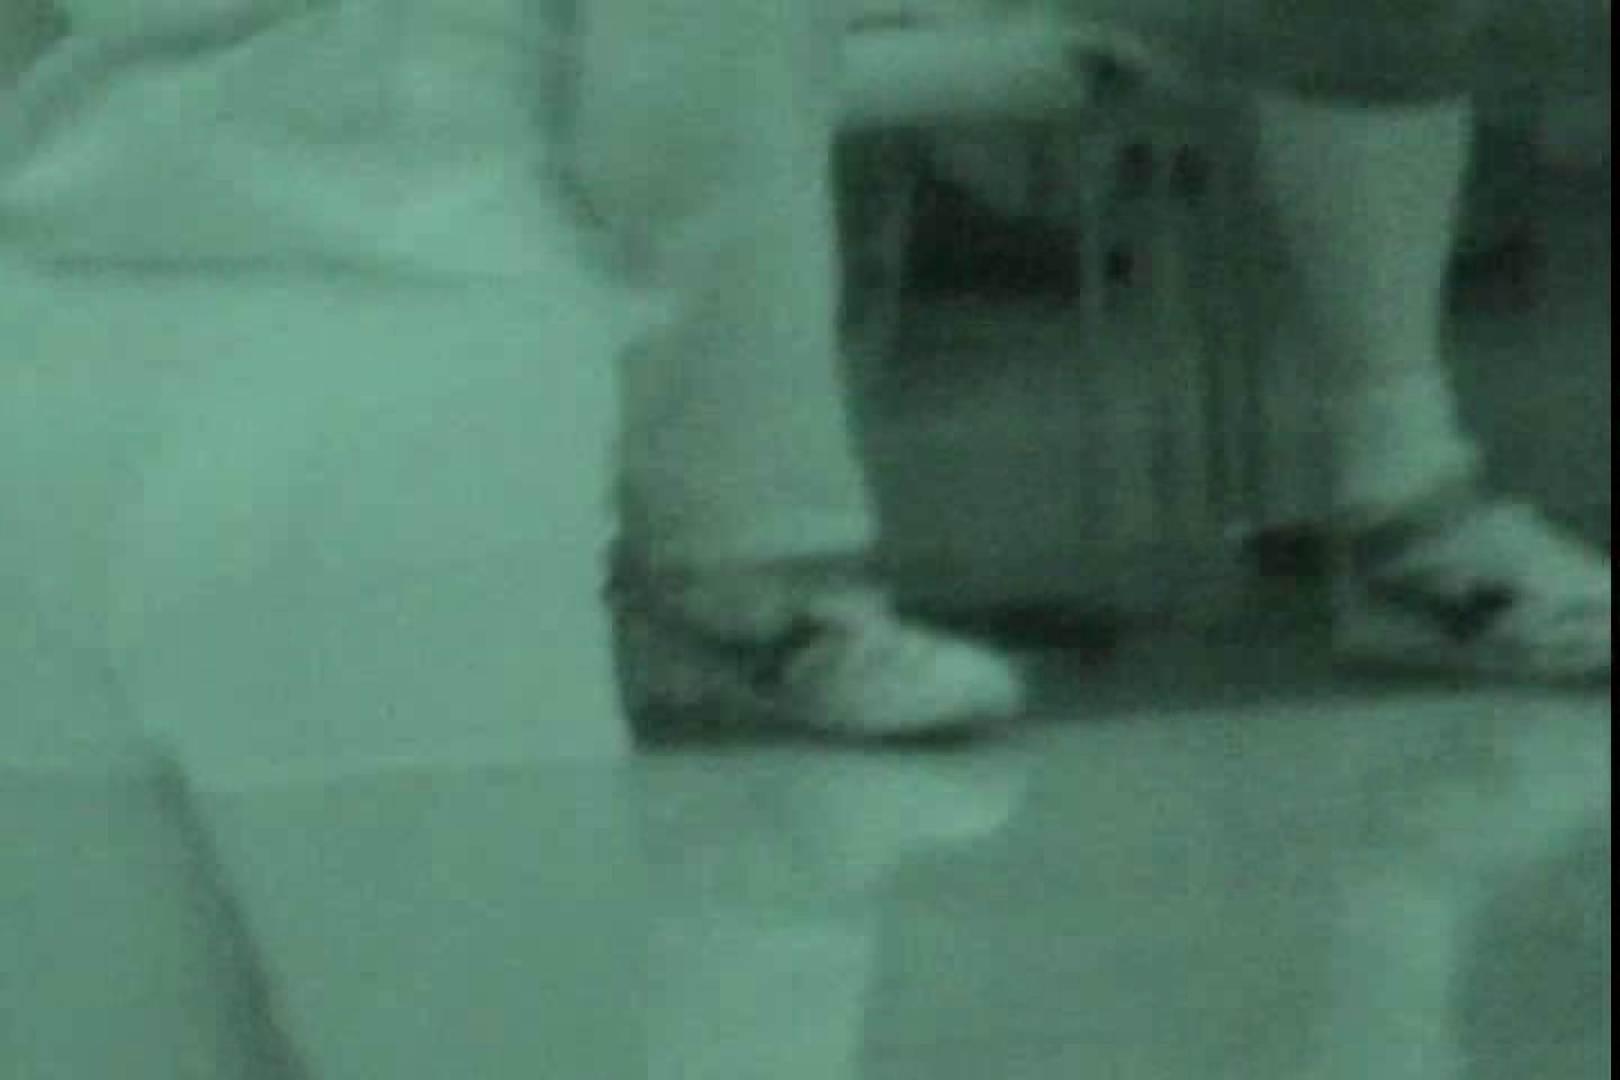 赤外線ムレスケバレー(汗) vol.04 OLのエロ生活 性交動画流出 99連発 83